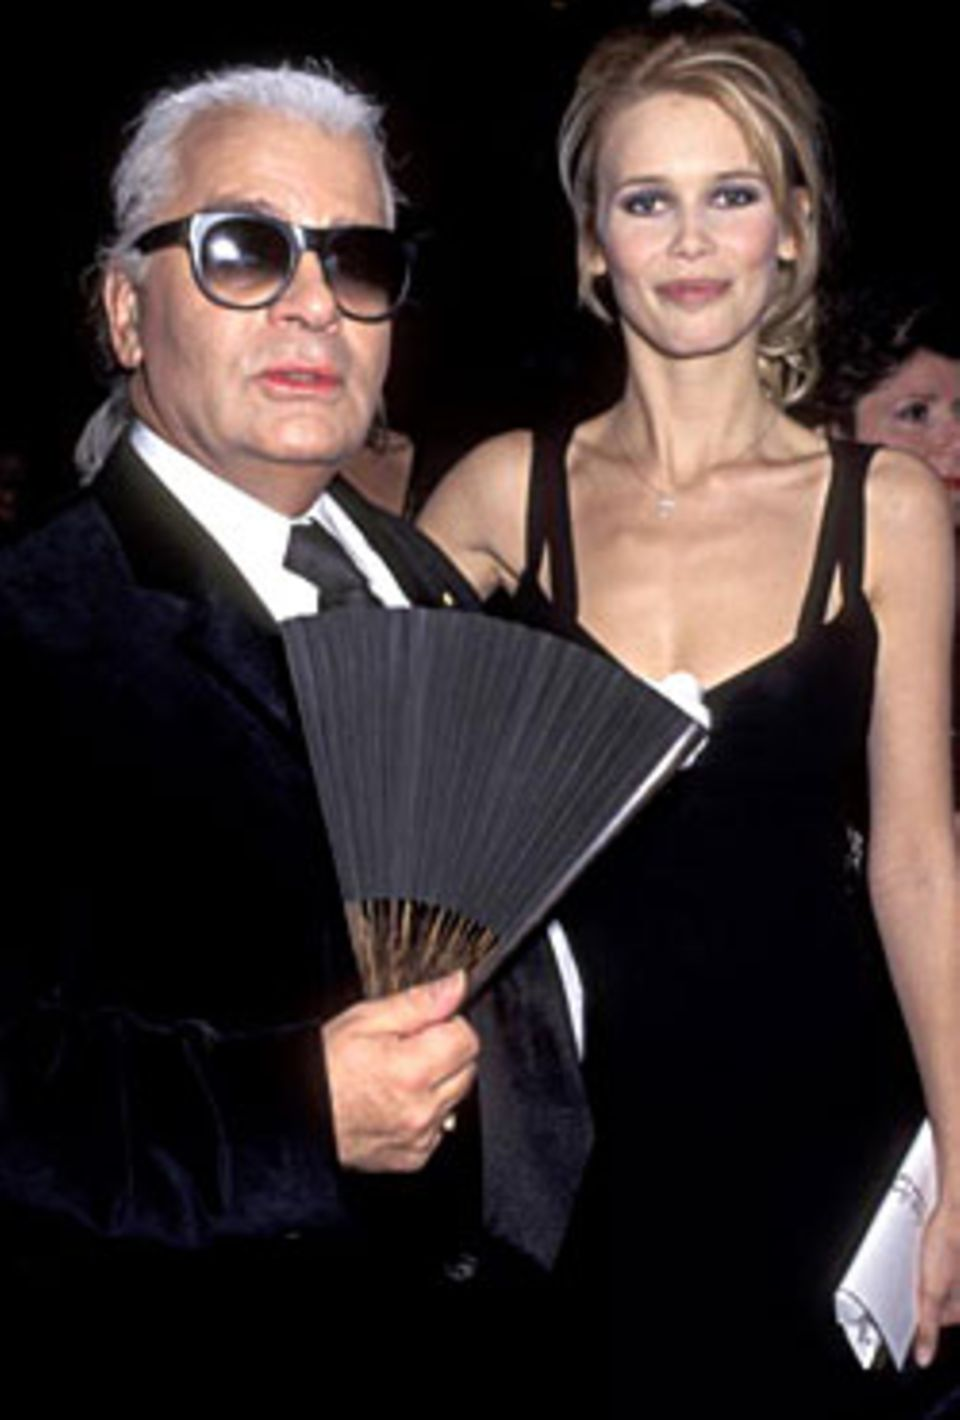 Der Modezar vor seiner Radikaldiät mit einer strahlend schönen Claudia Schiffer.